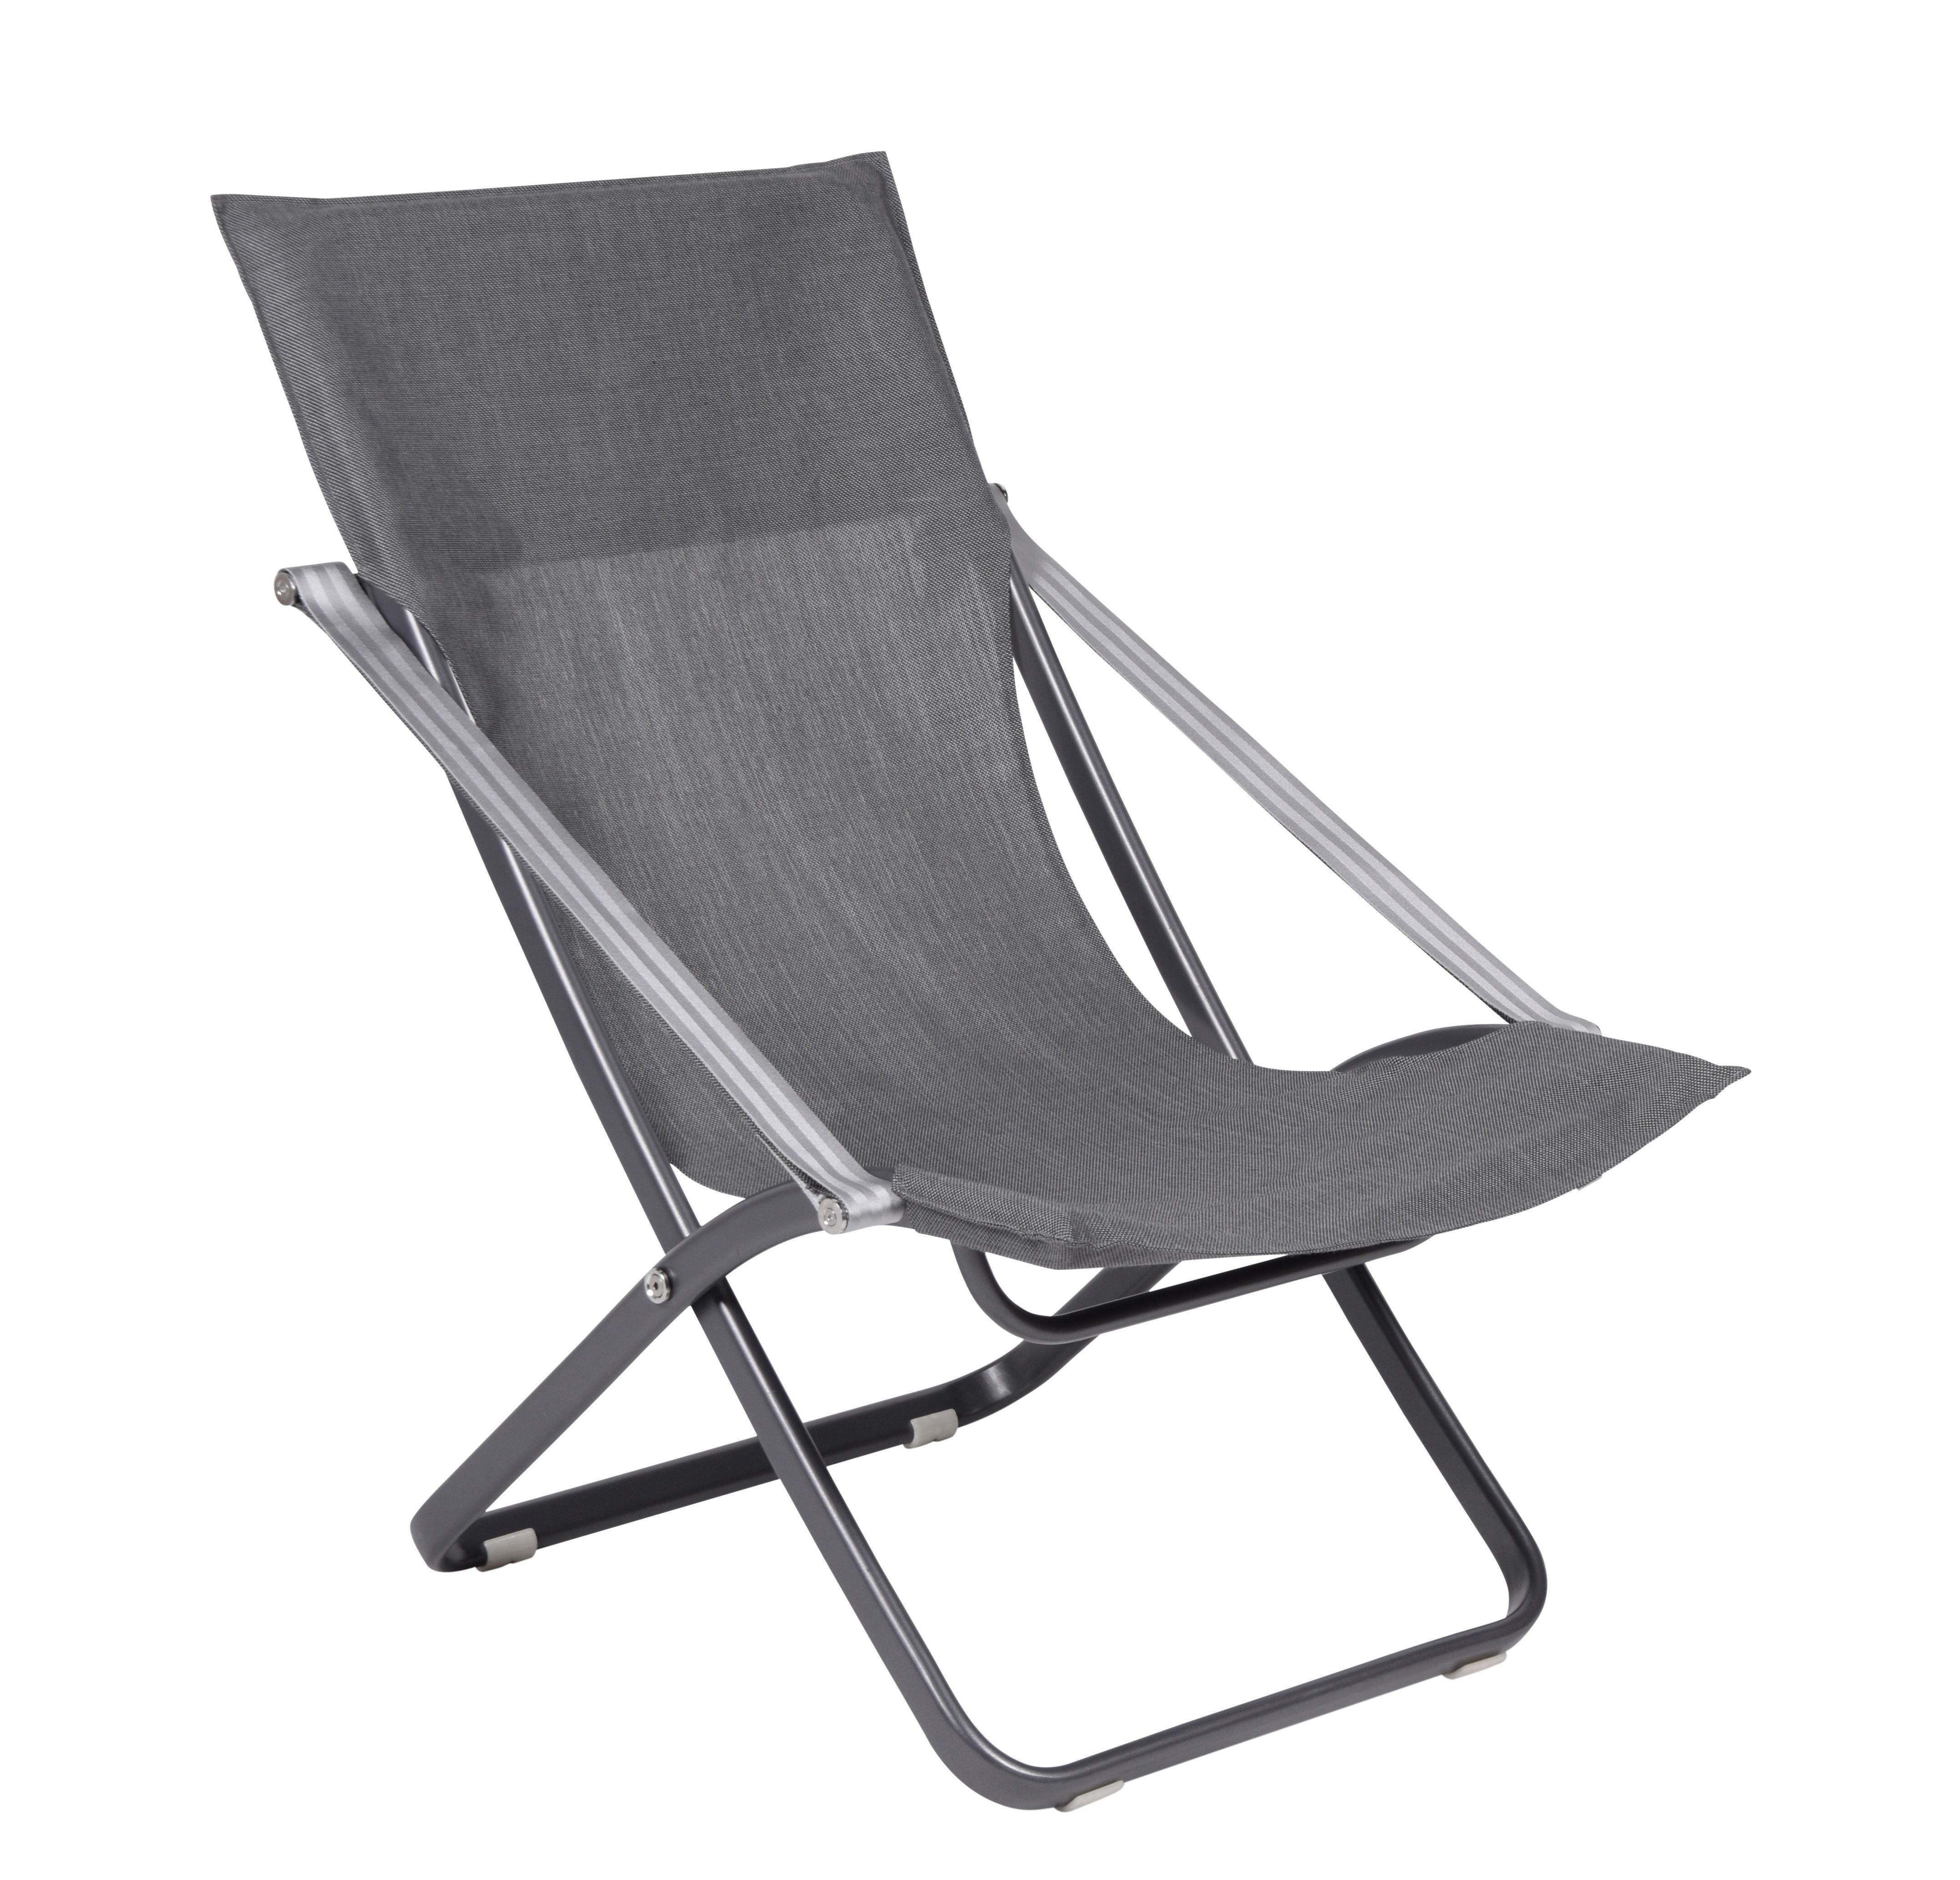 Outdoor - Chaises longues et hamacs - Chaise longue Viatti / Pliable & réglable - Vlaemynck - Anthracite / Titane - Aluminium laqué, Toile Batyline®